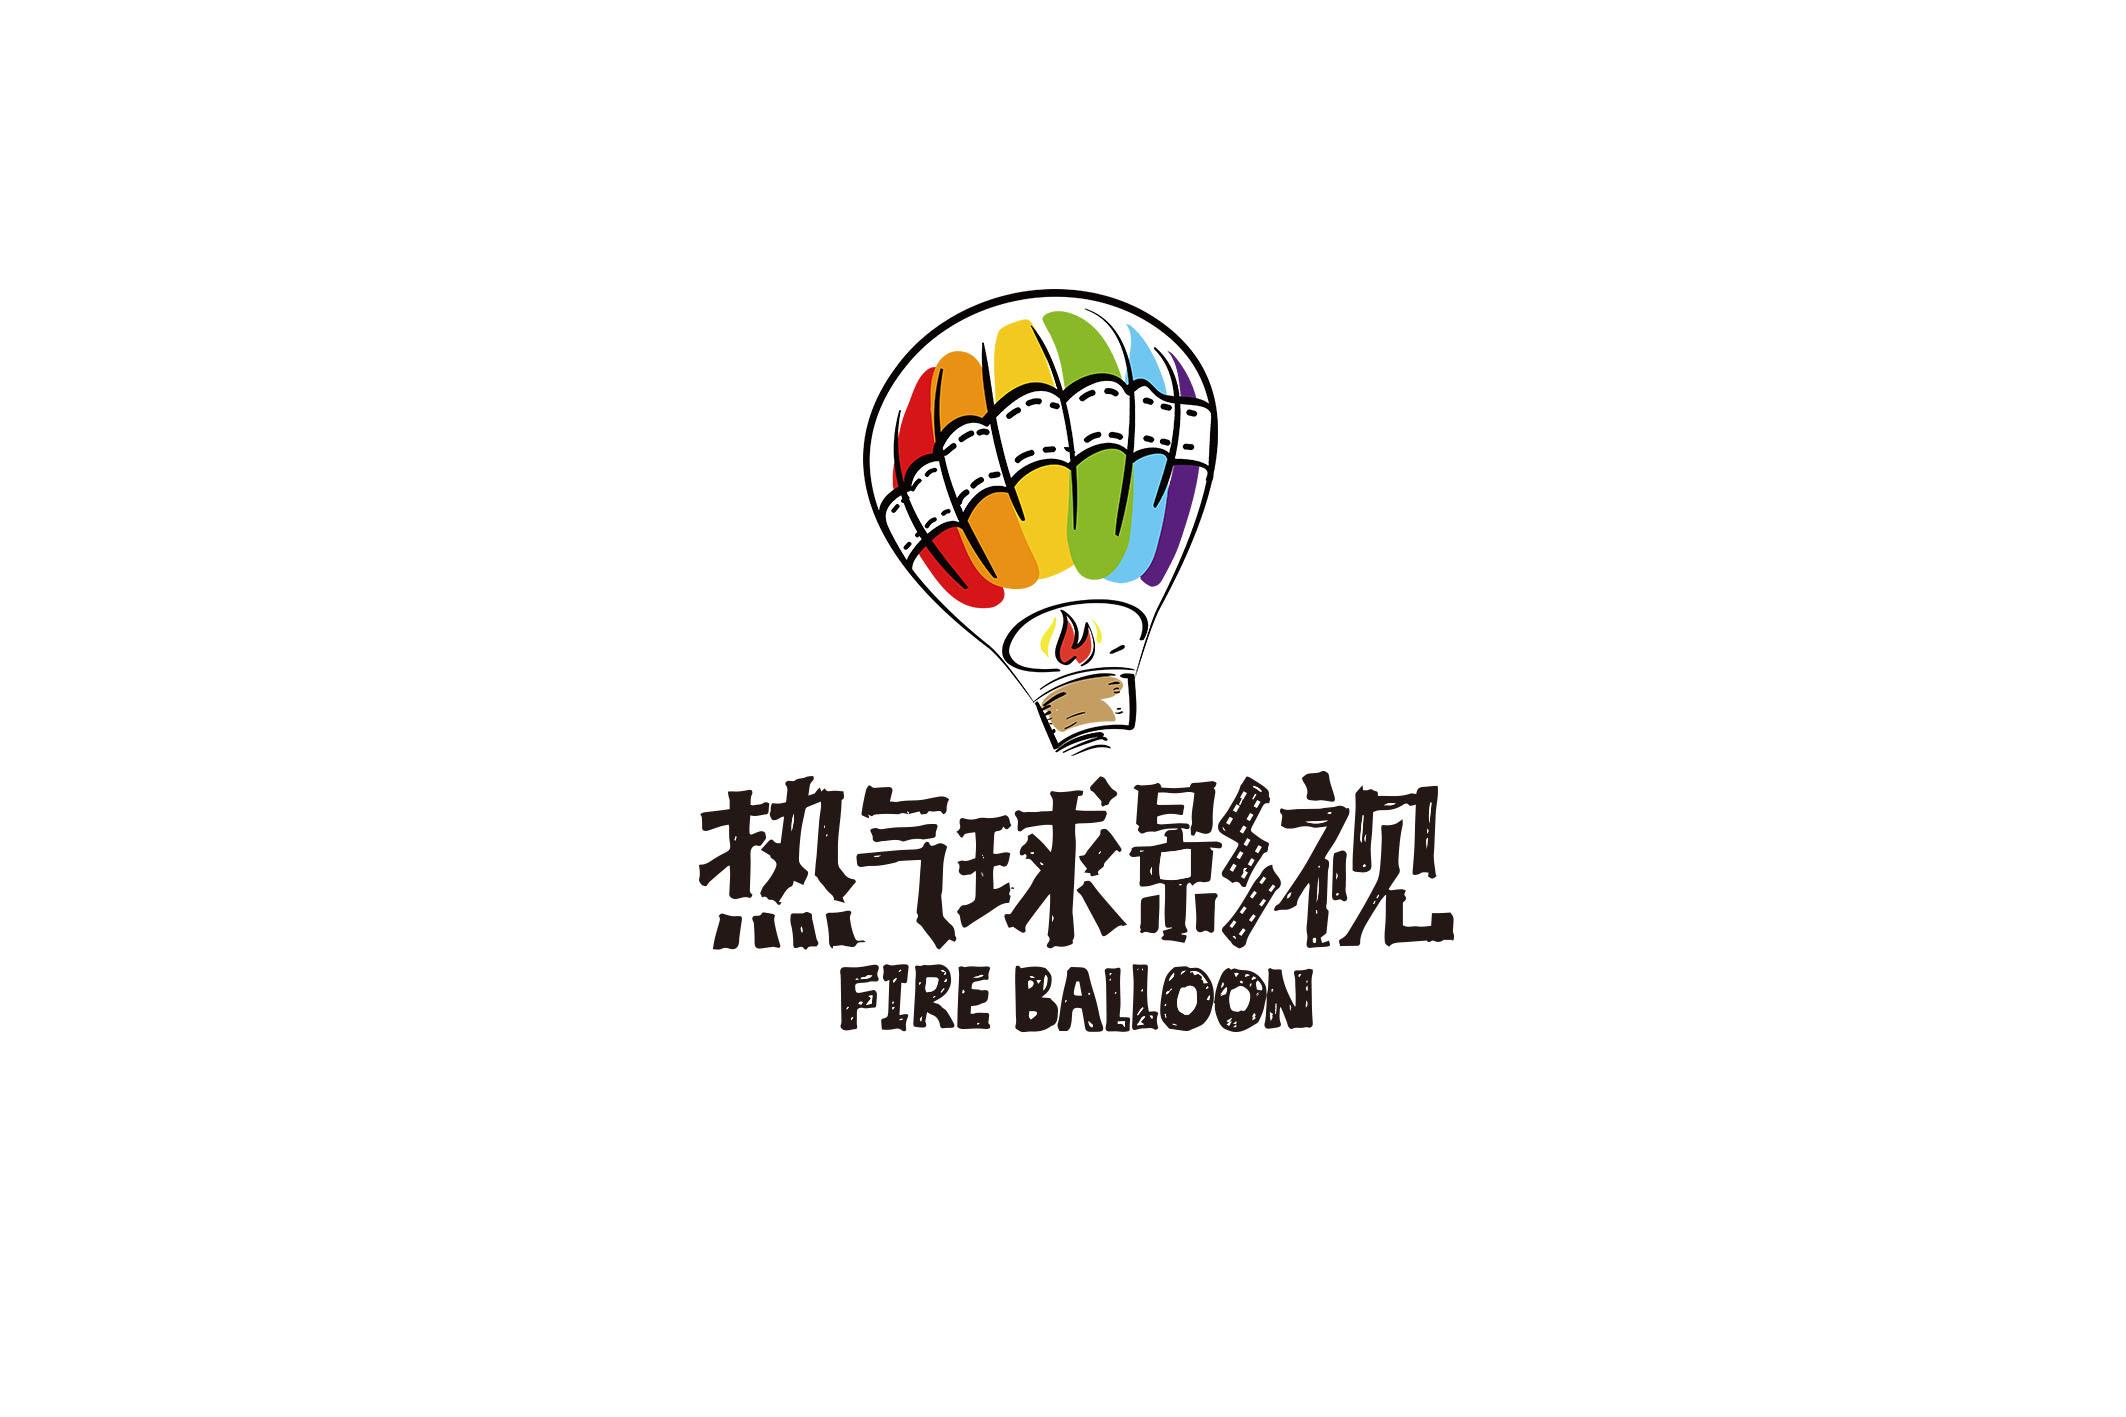 热气球影视logo图片